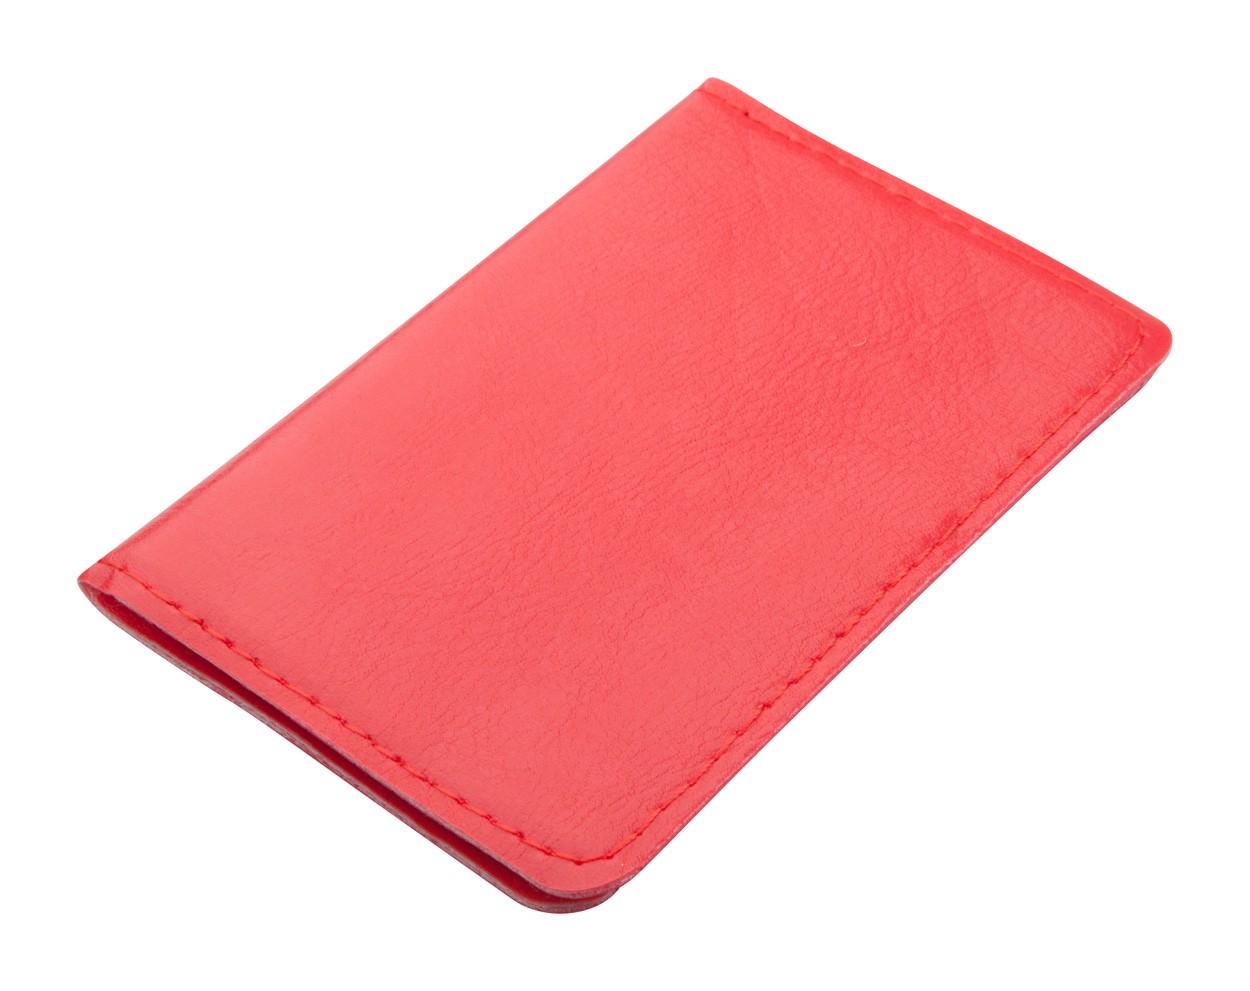 Pouzdro Na Karty Twelve - Červená